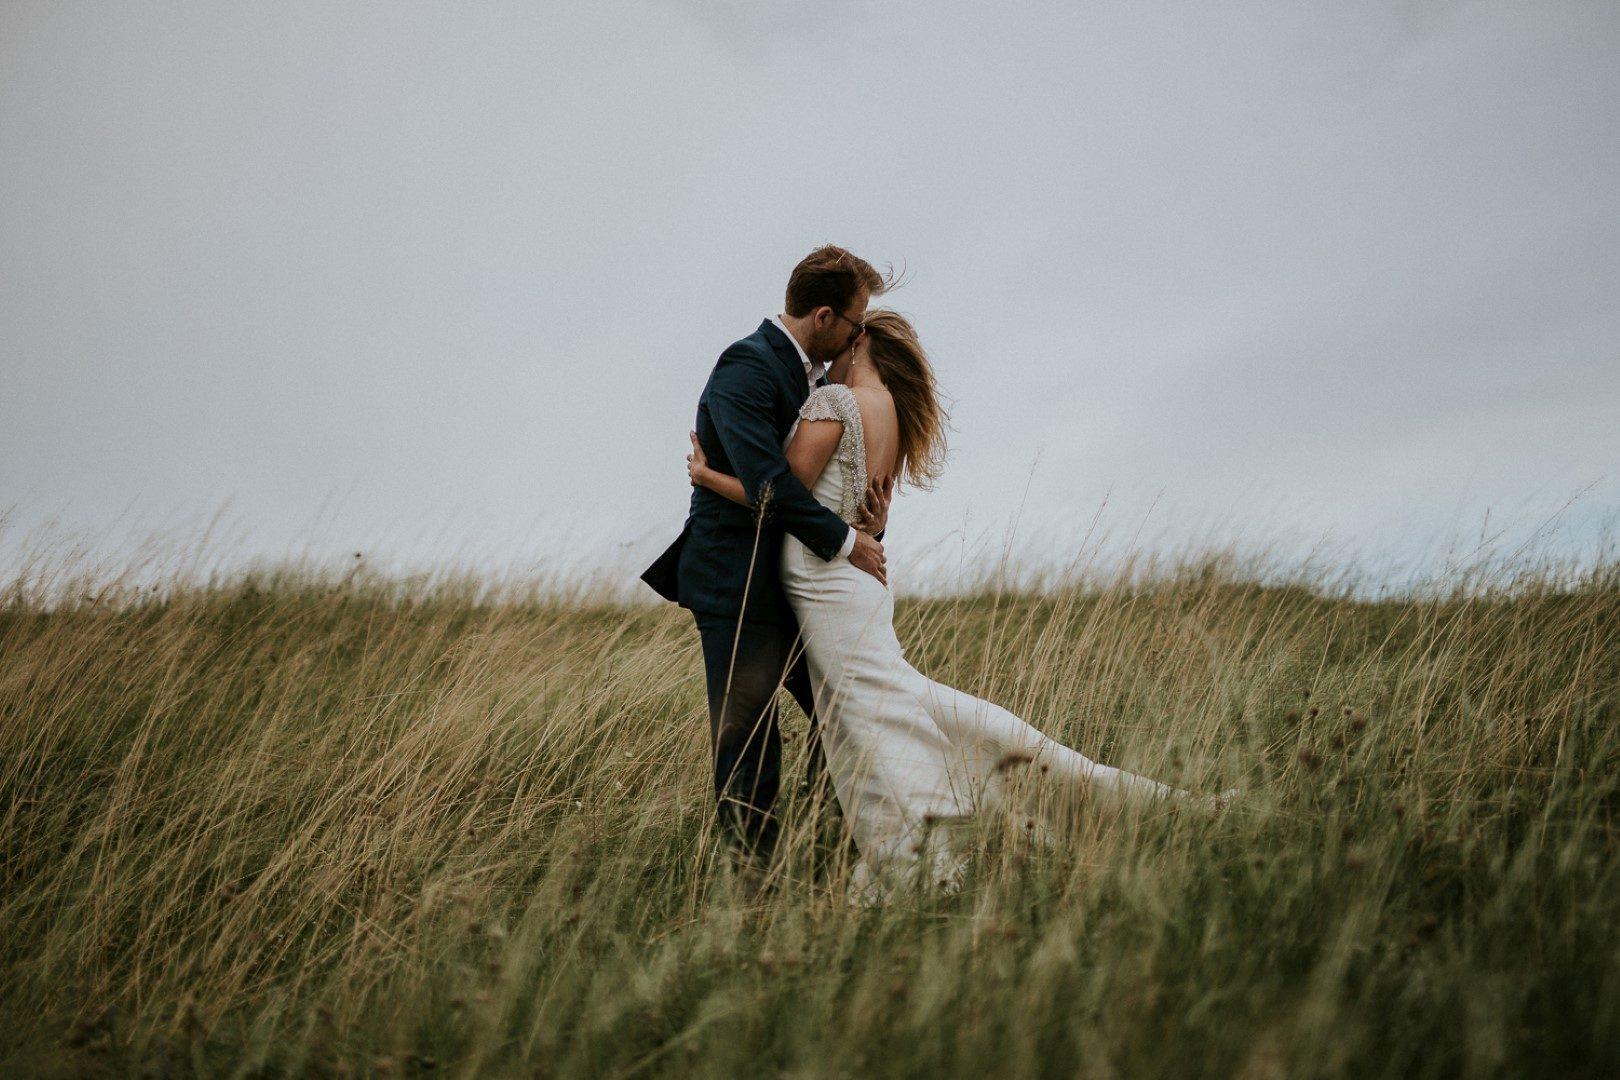 ,jágity fanni,esküvő,esküvői fotó,esküvői fotós,magyar fotós,magyar esküvő,magyar esküvői fotós,legjobb esküvői fotós,legszebb esküvői fotó,